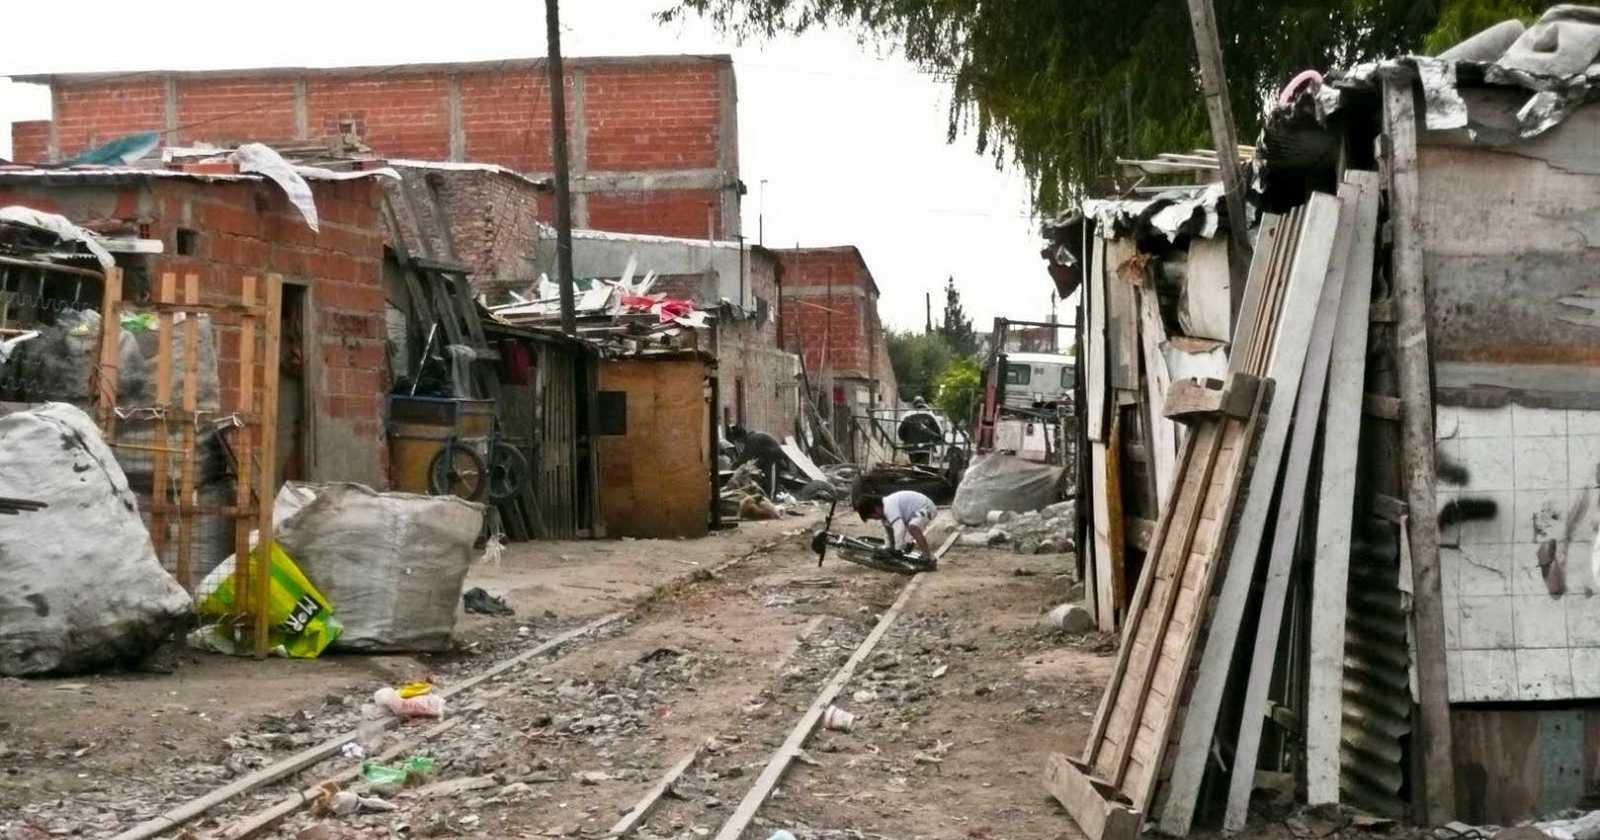 Pobreza en Argentina alcanza a más de 18 millones de personas en medio de la pandemia